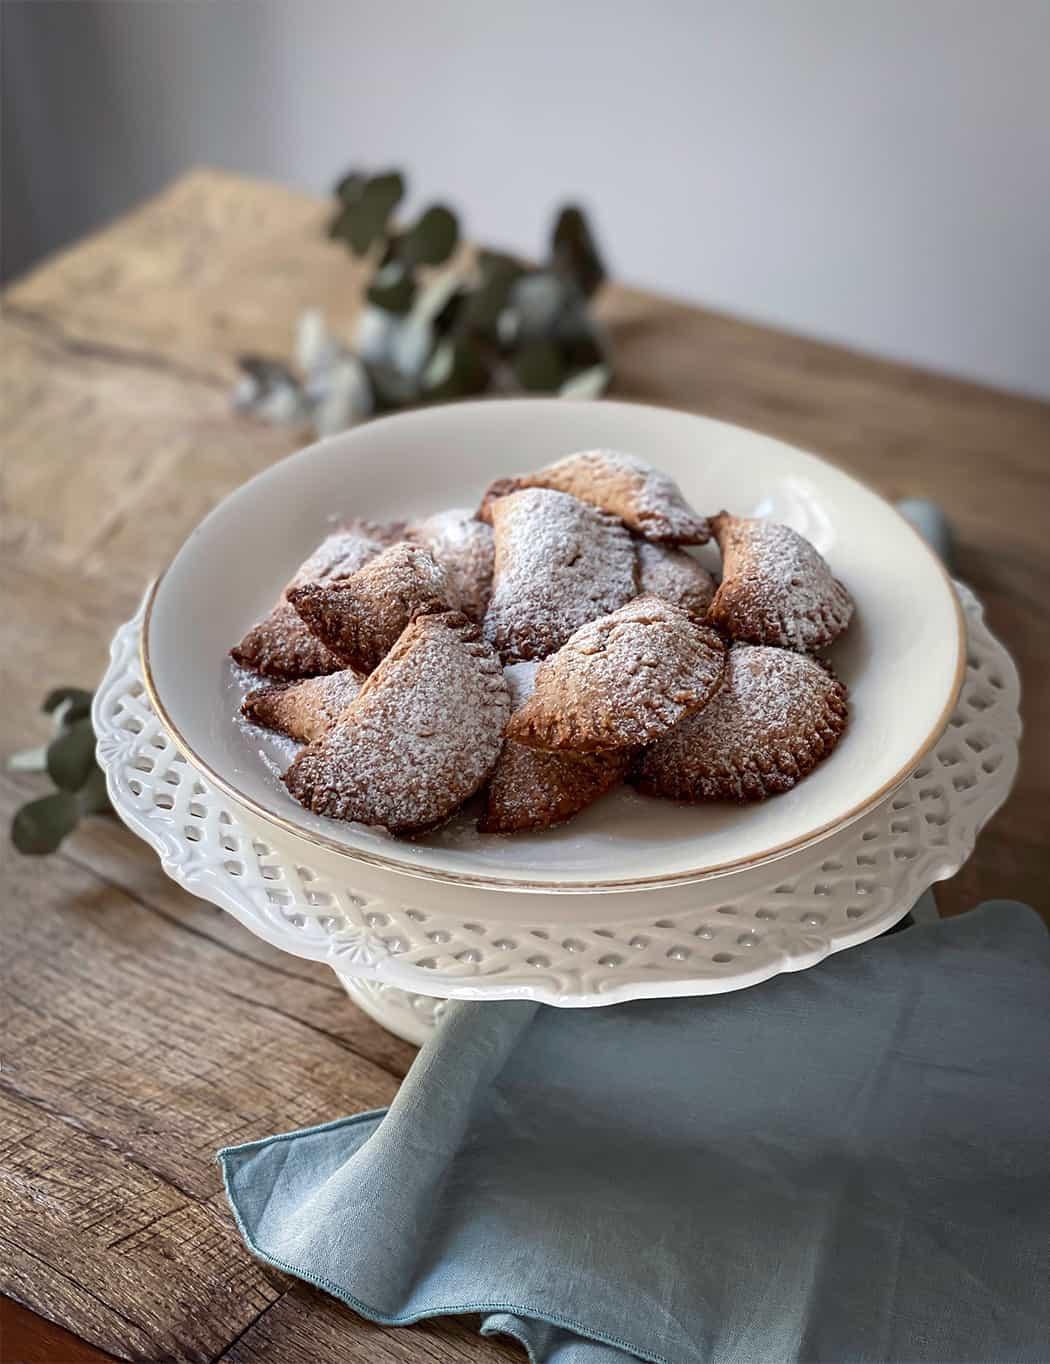 tortelli dolci ripieni con composta di frutta